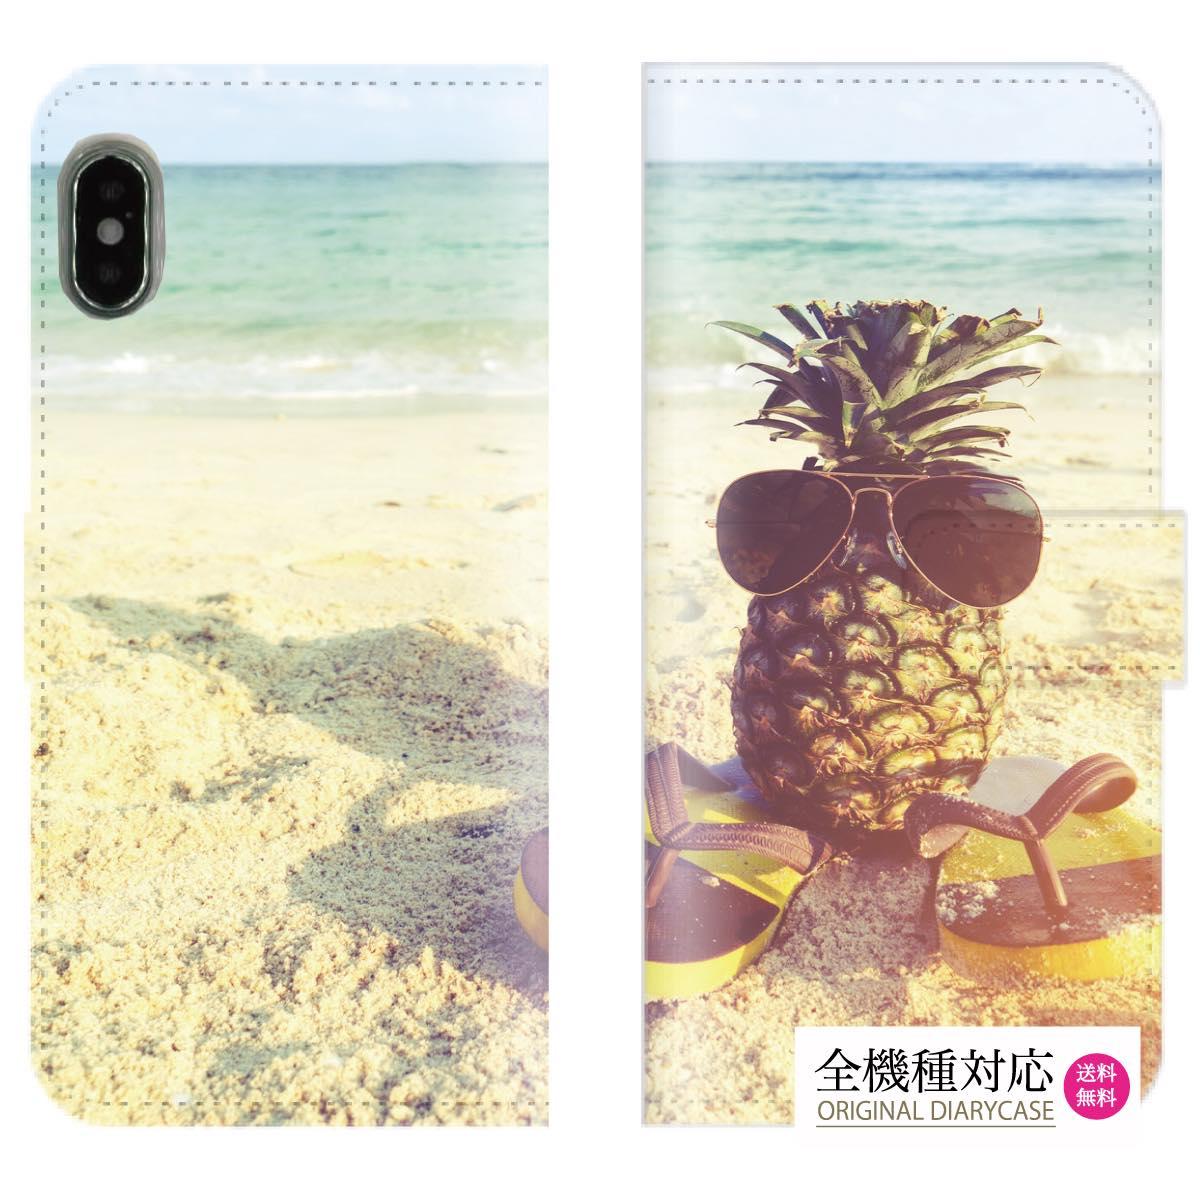 送料無料 全機種対応 iPhone XS Max iPhone XR iPhone8 ケース スマホケース 手帳型 レザー ハワイ ハワイアン 柄 西海岸 Beach ビーチ hawaii 海外 セレブ 人気 かわいい かっこいい オシャレ パイナップル 流行 surf Galaxy Xperia AQUOS arrows Huawei